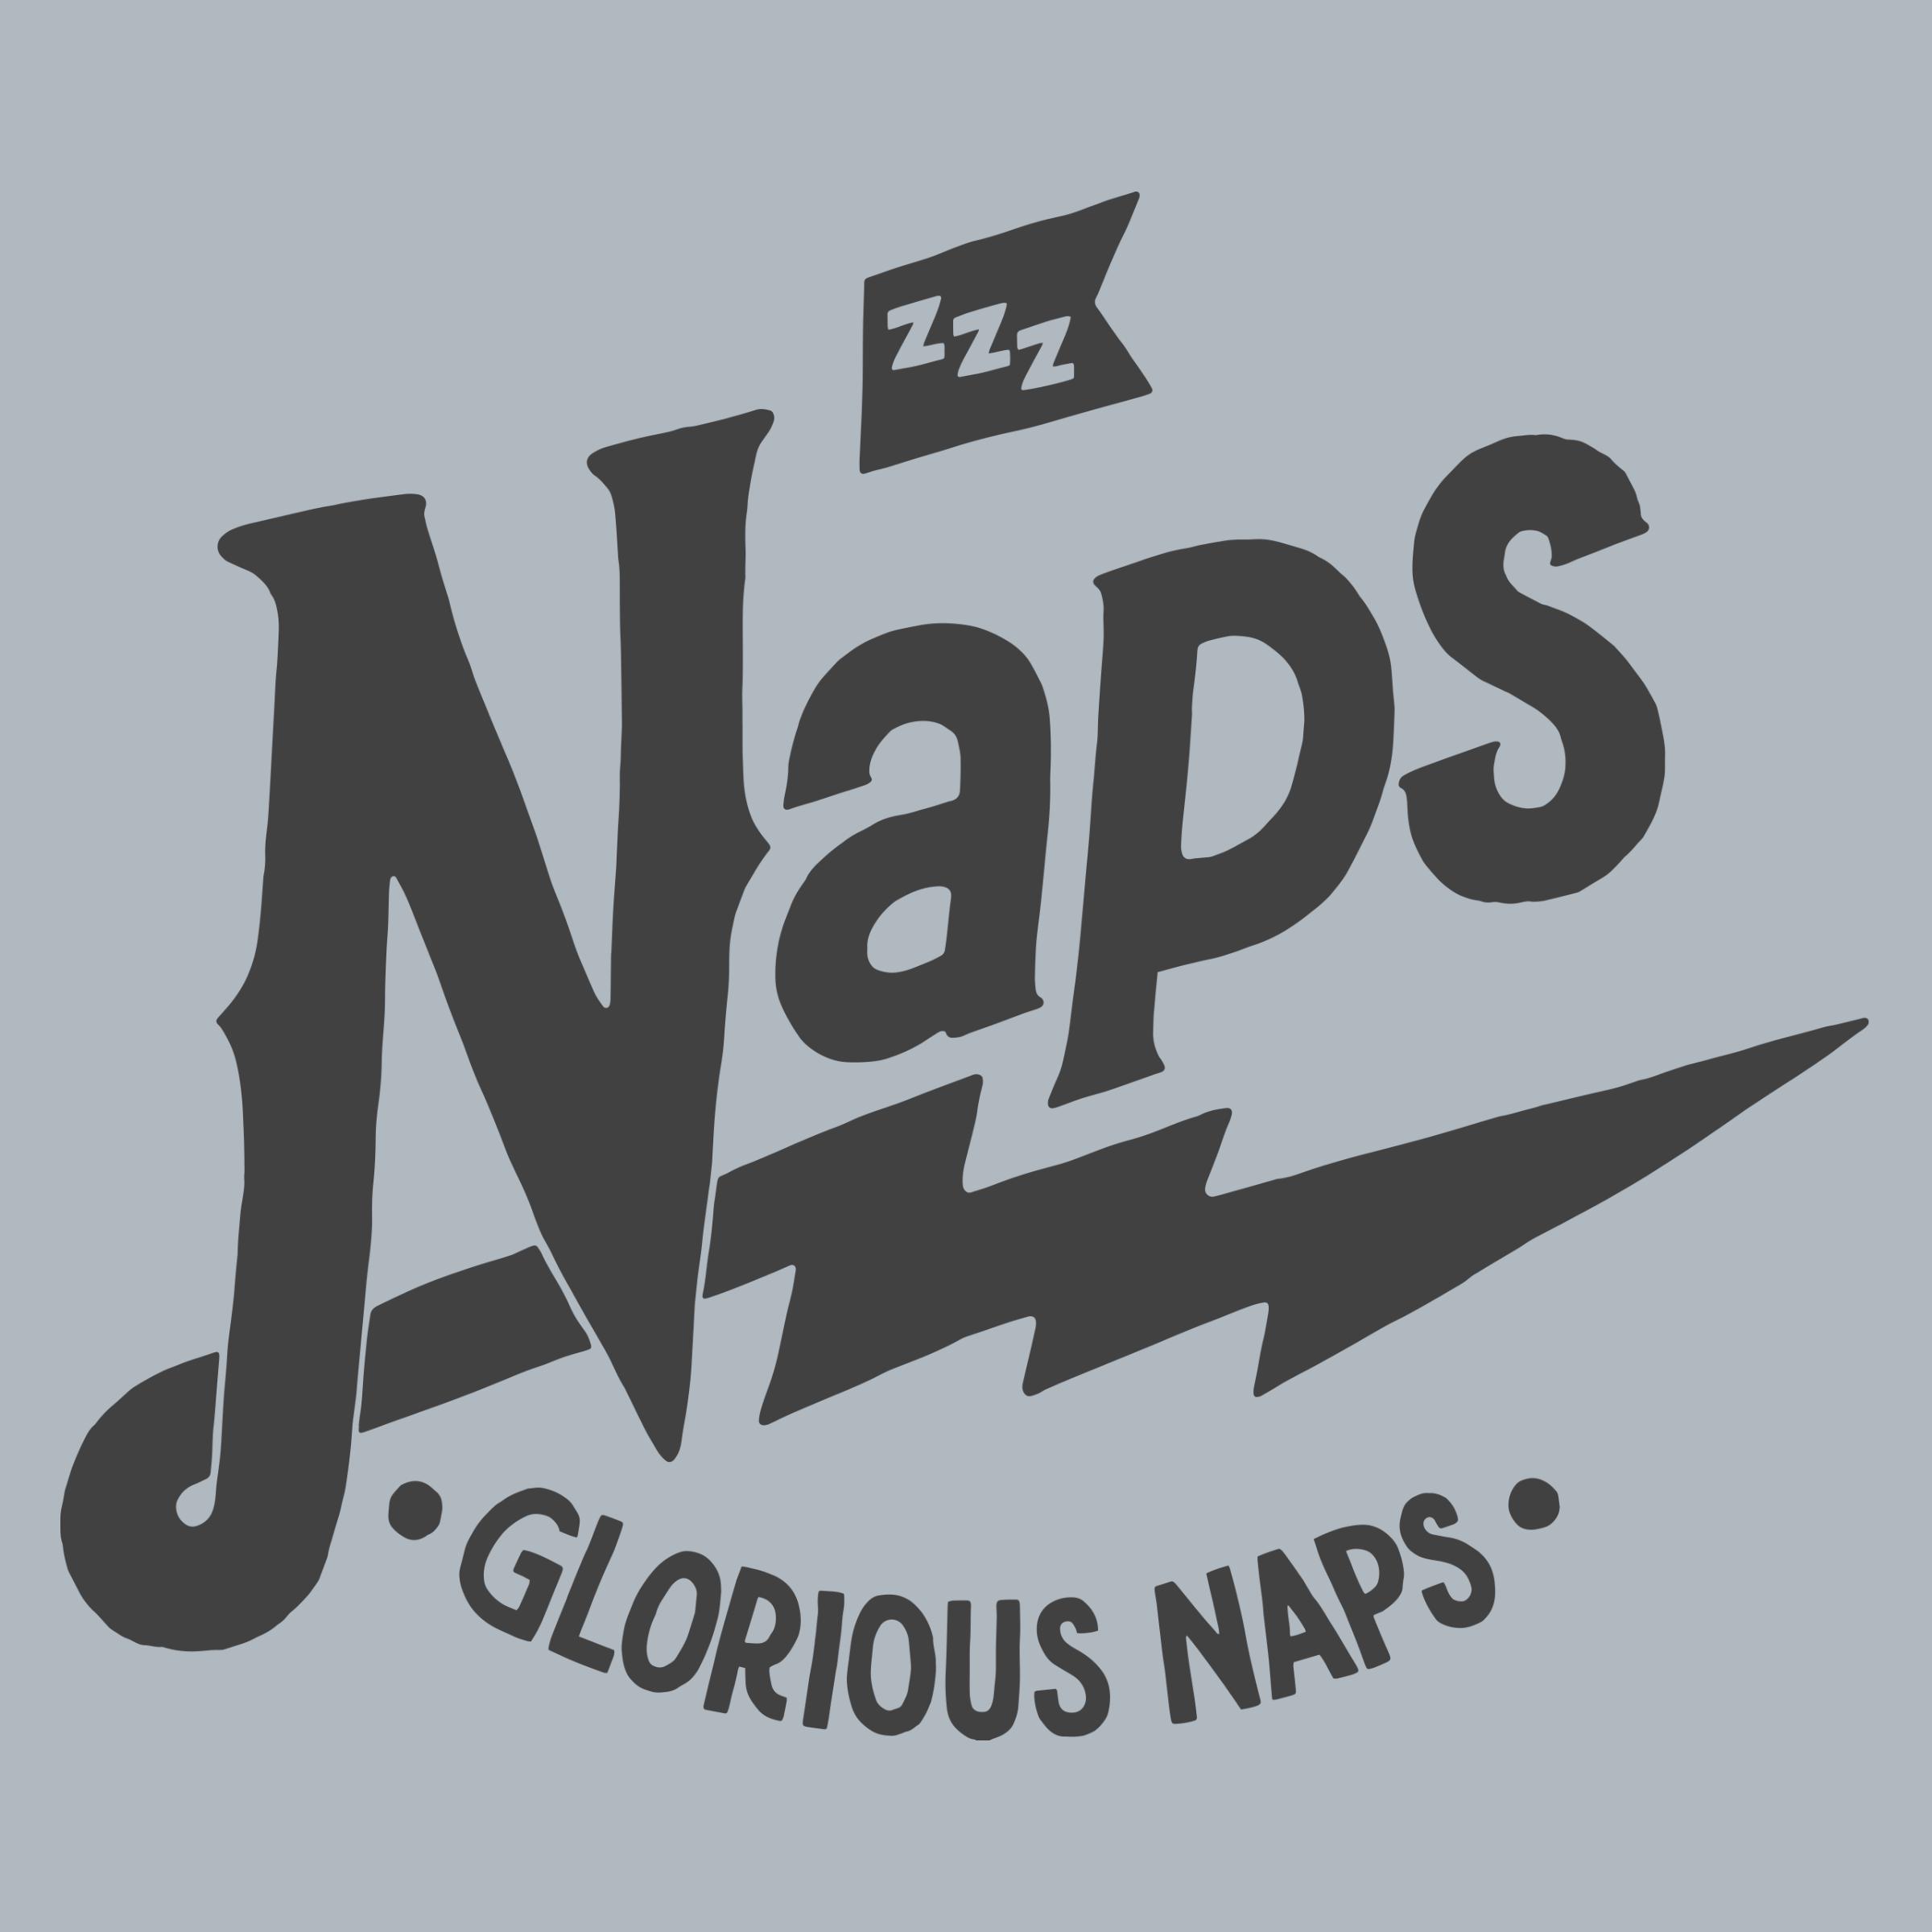 Glorious Naps